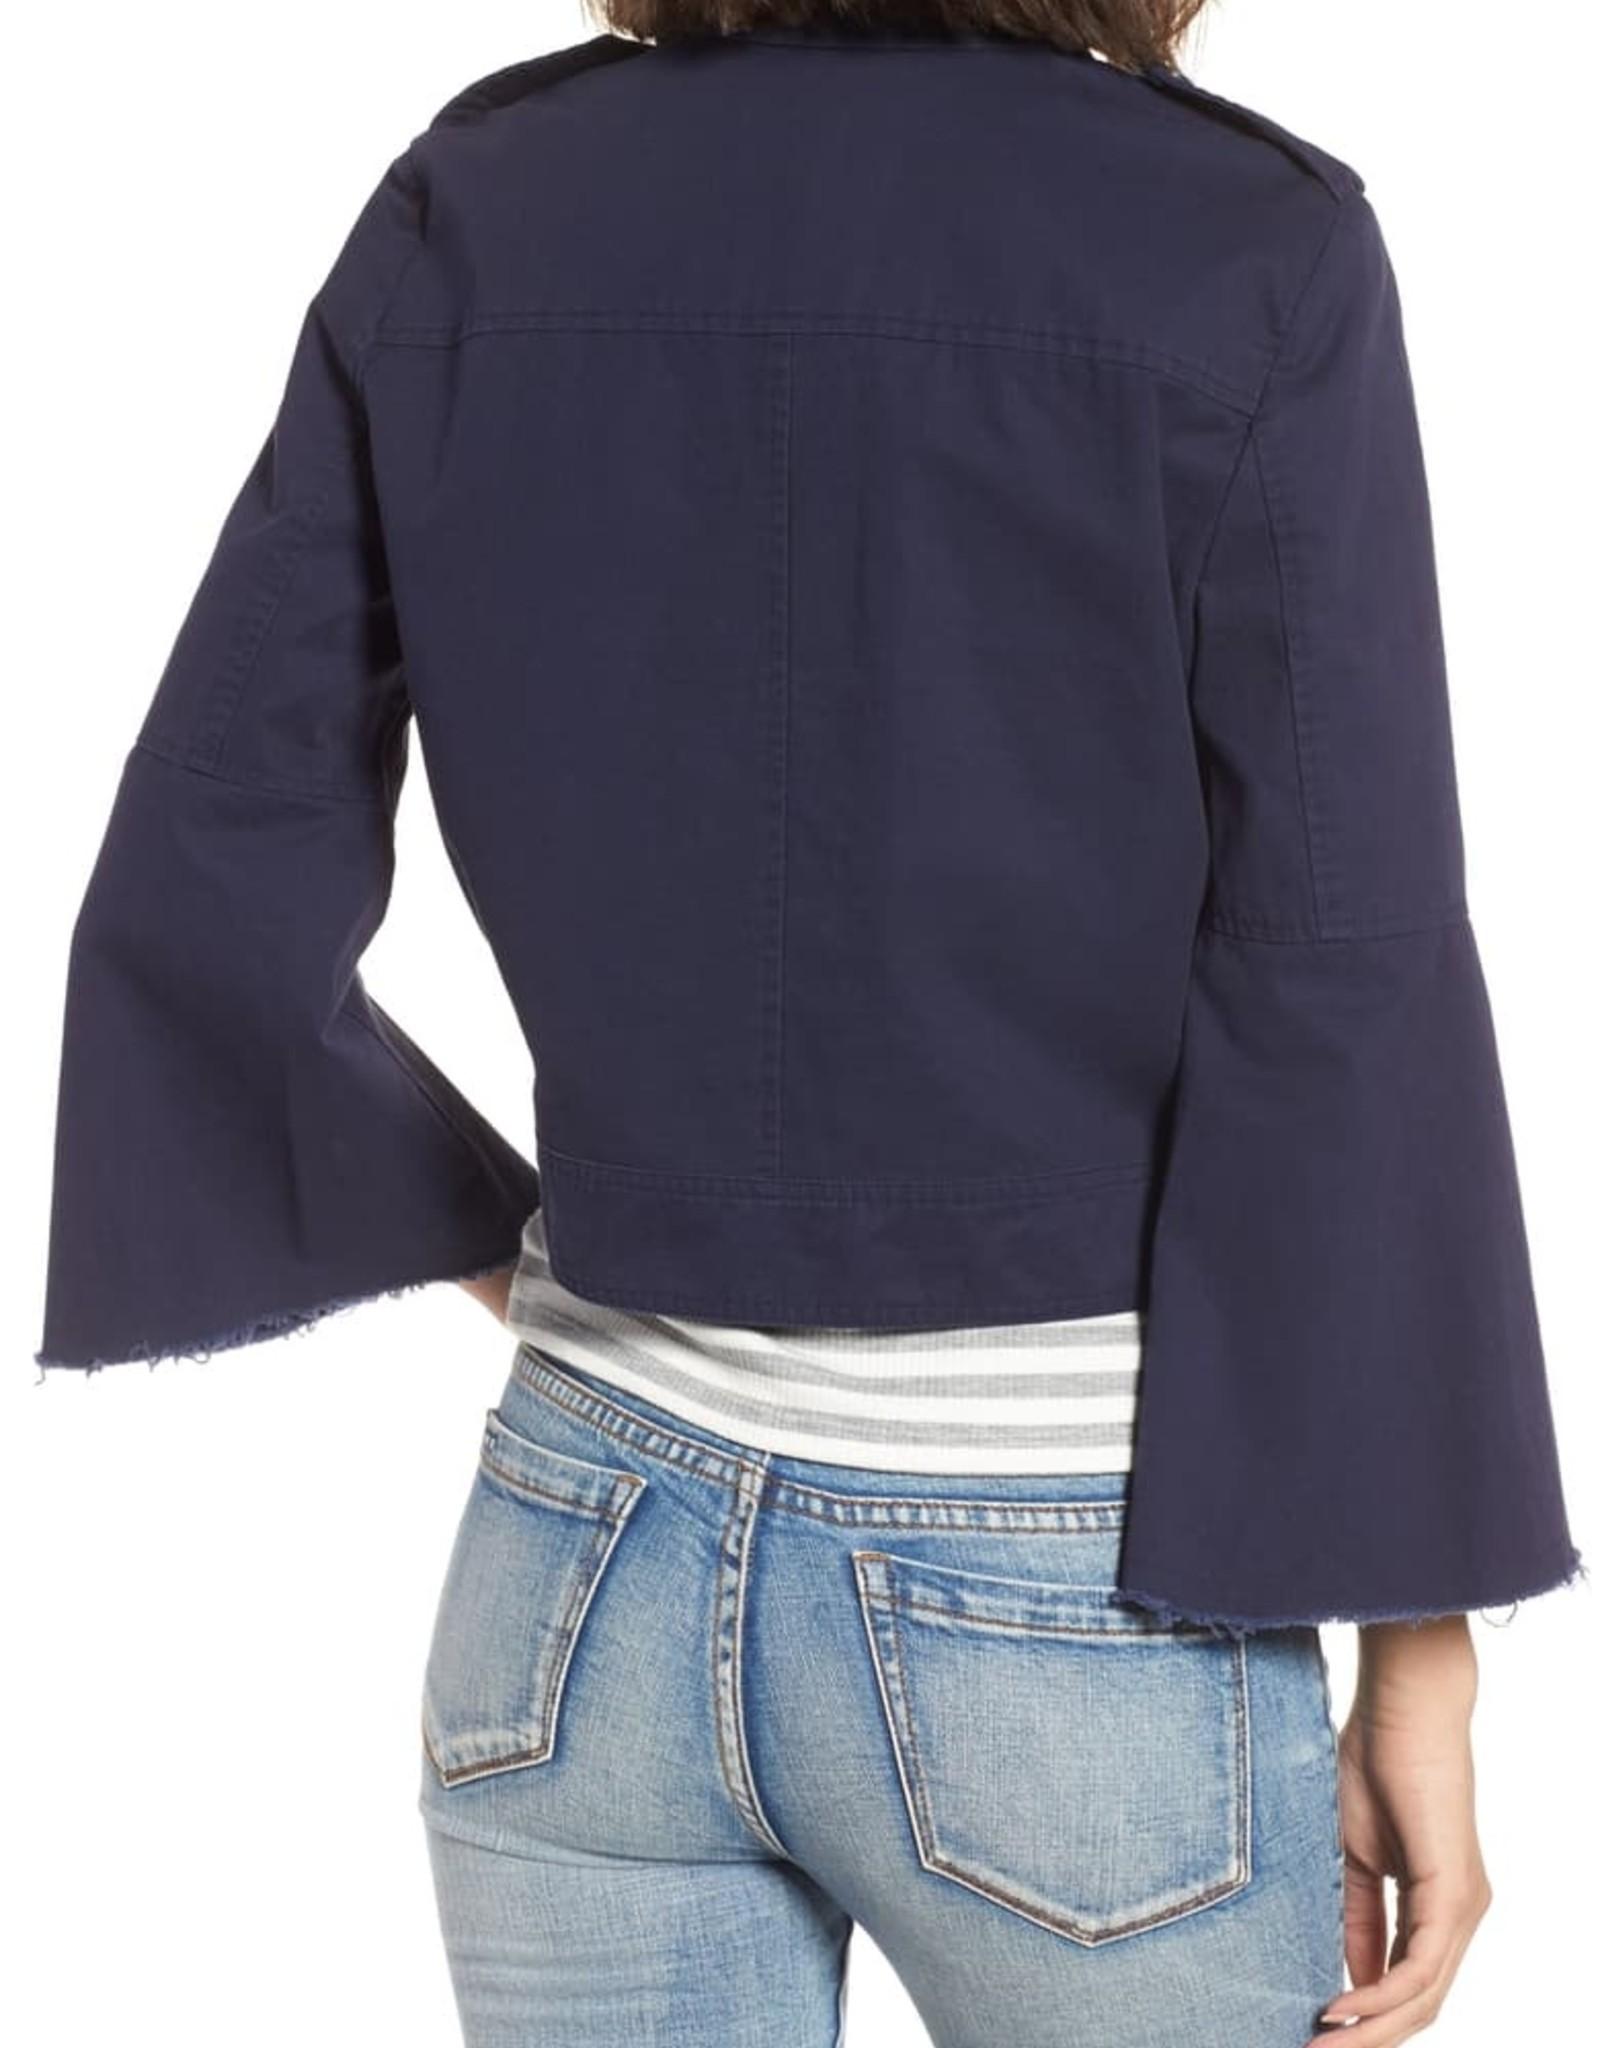 BB Dakota Jennie Cotton Twill Army Jacket Navy